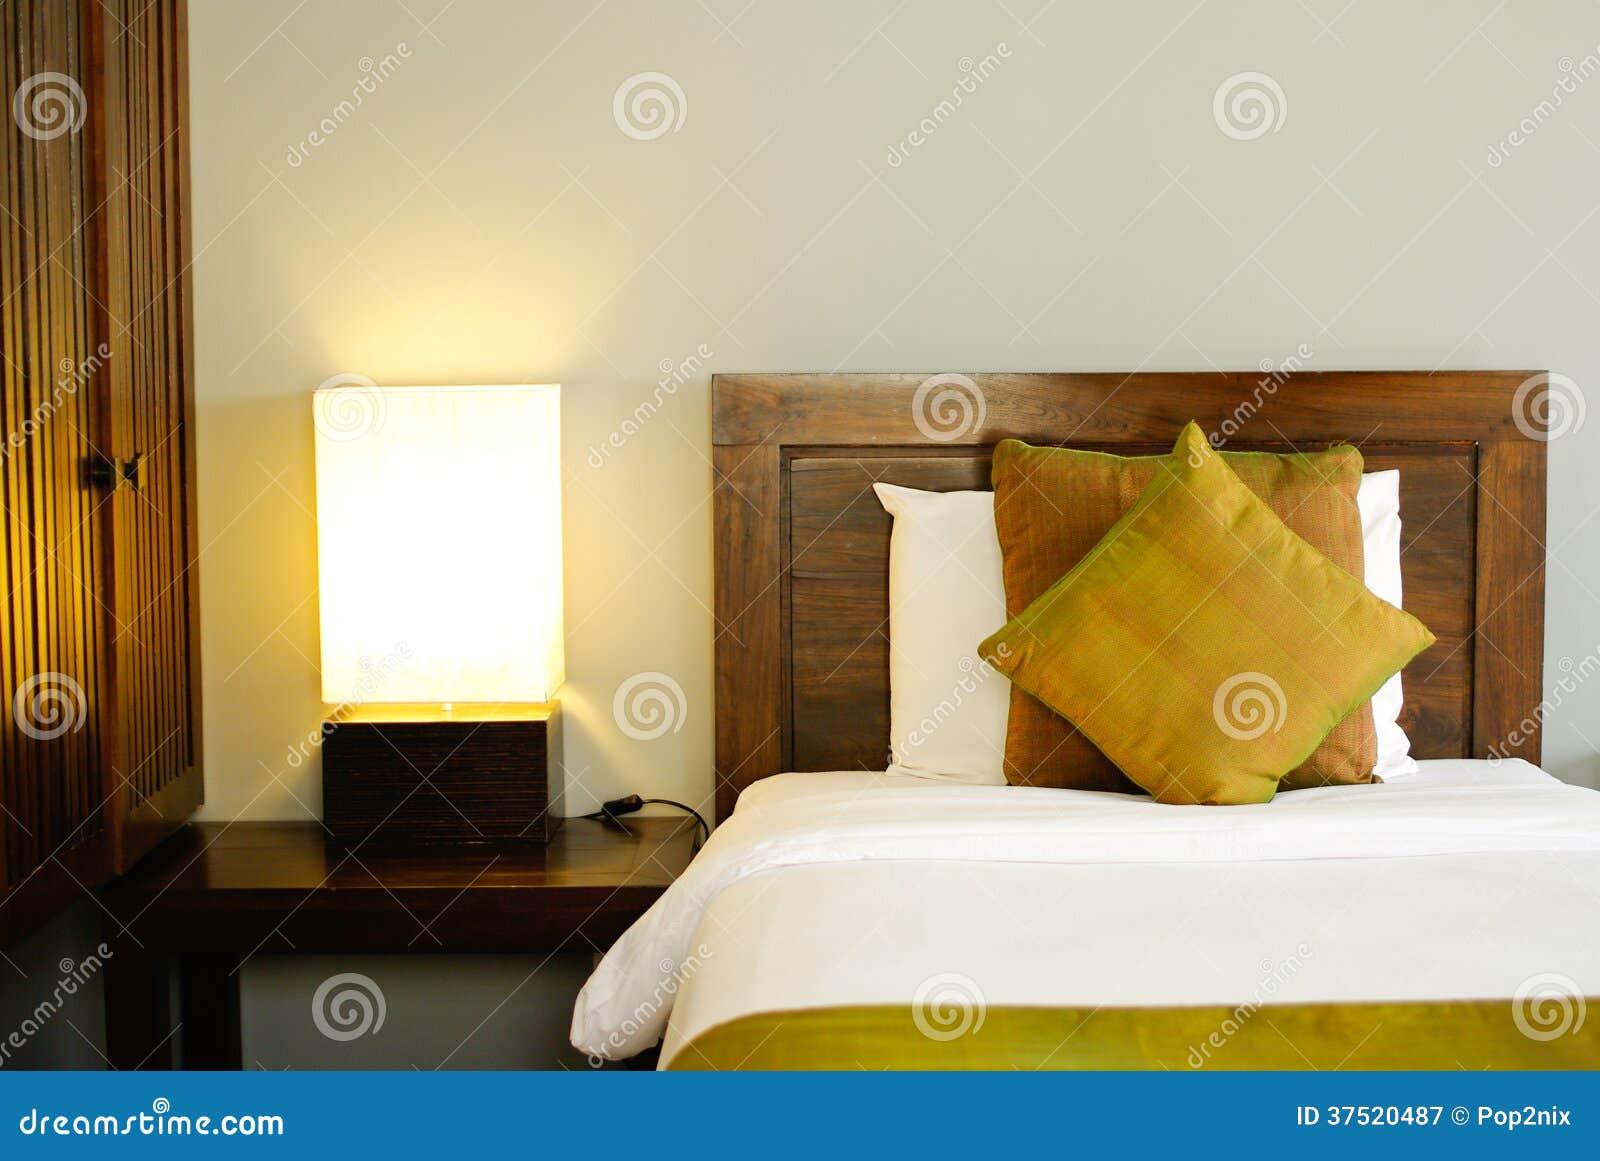 Lit dans une chambre d 39 h tel la nuit photographie stock libre de droits - Position lit dans une chambre ...